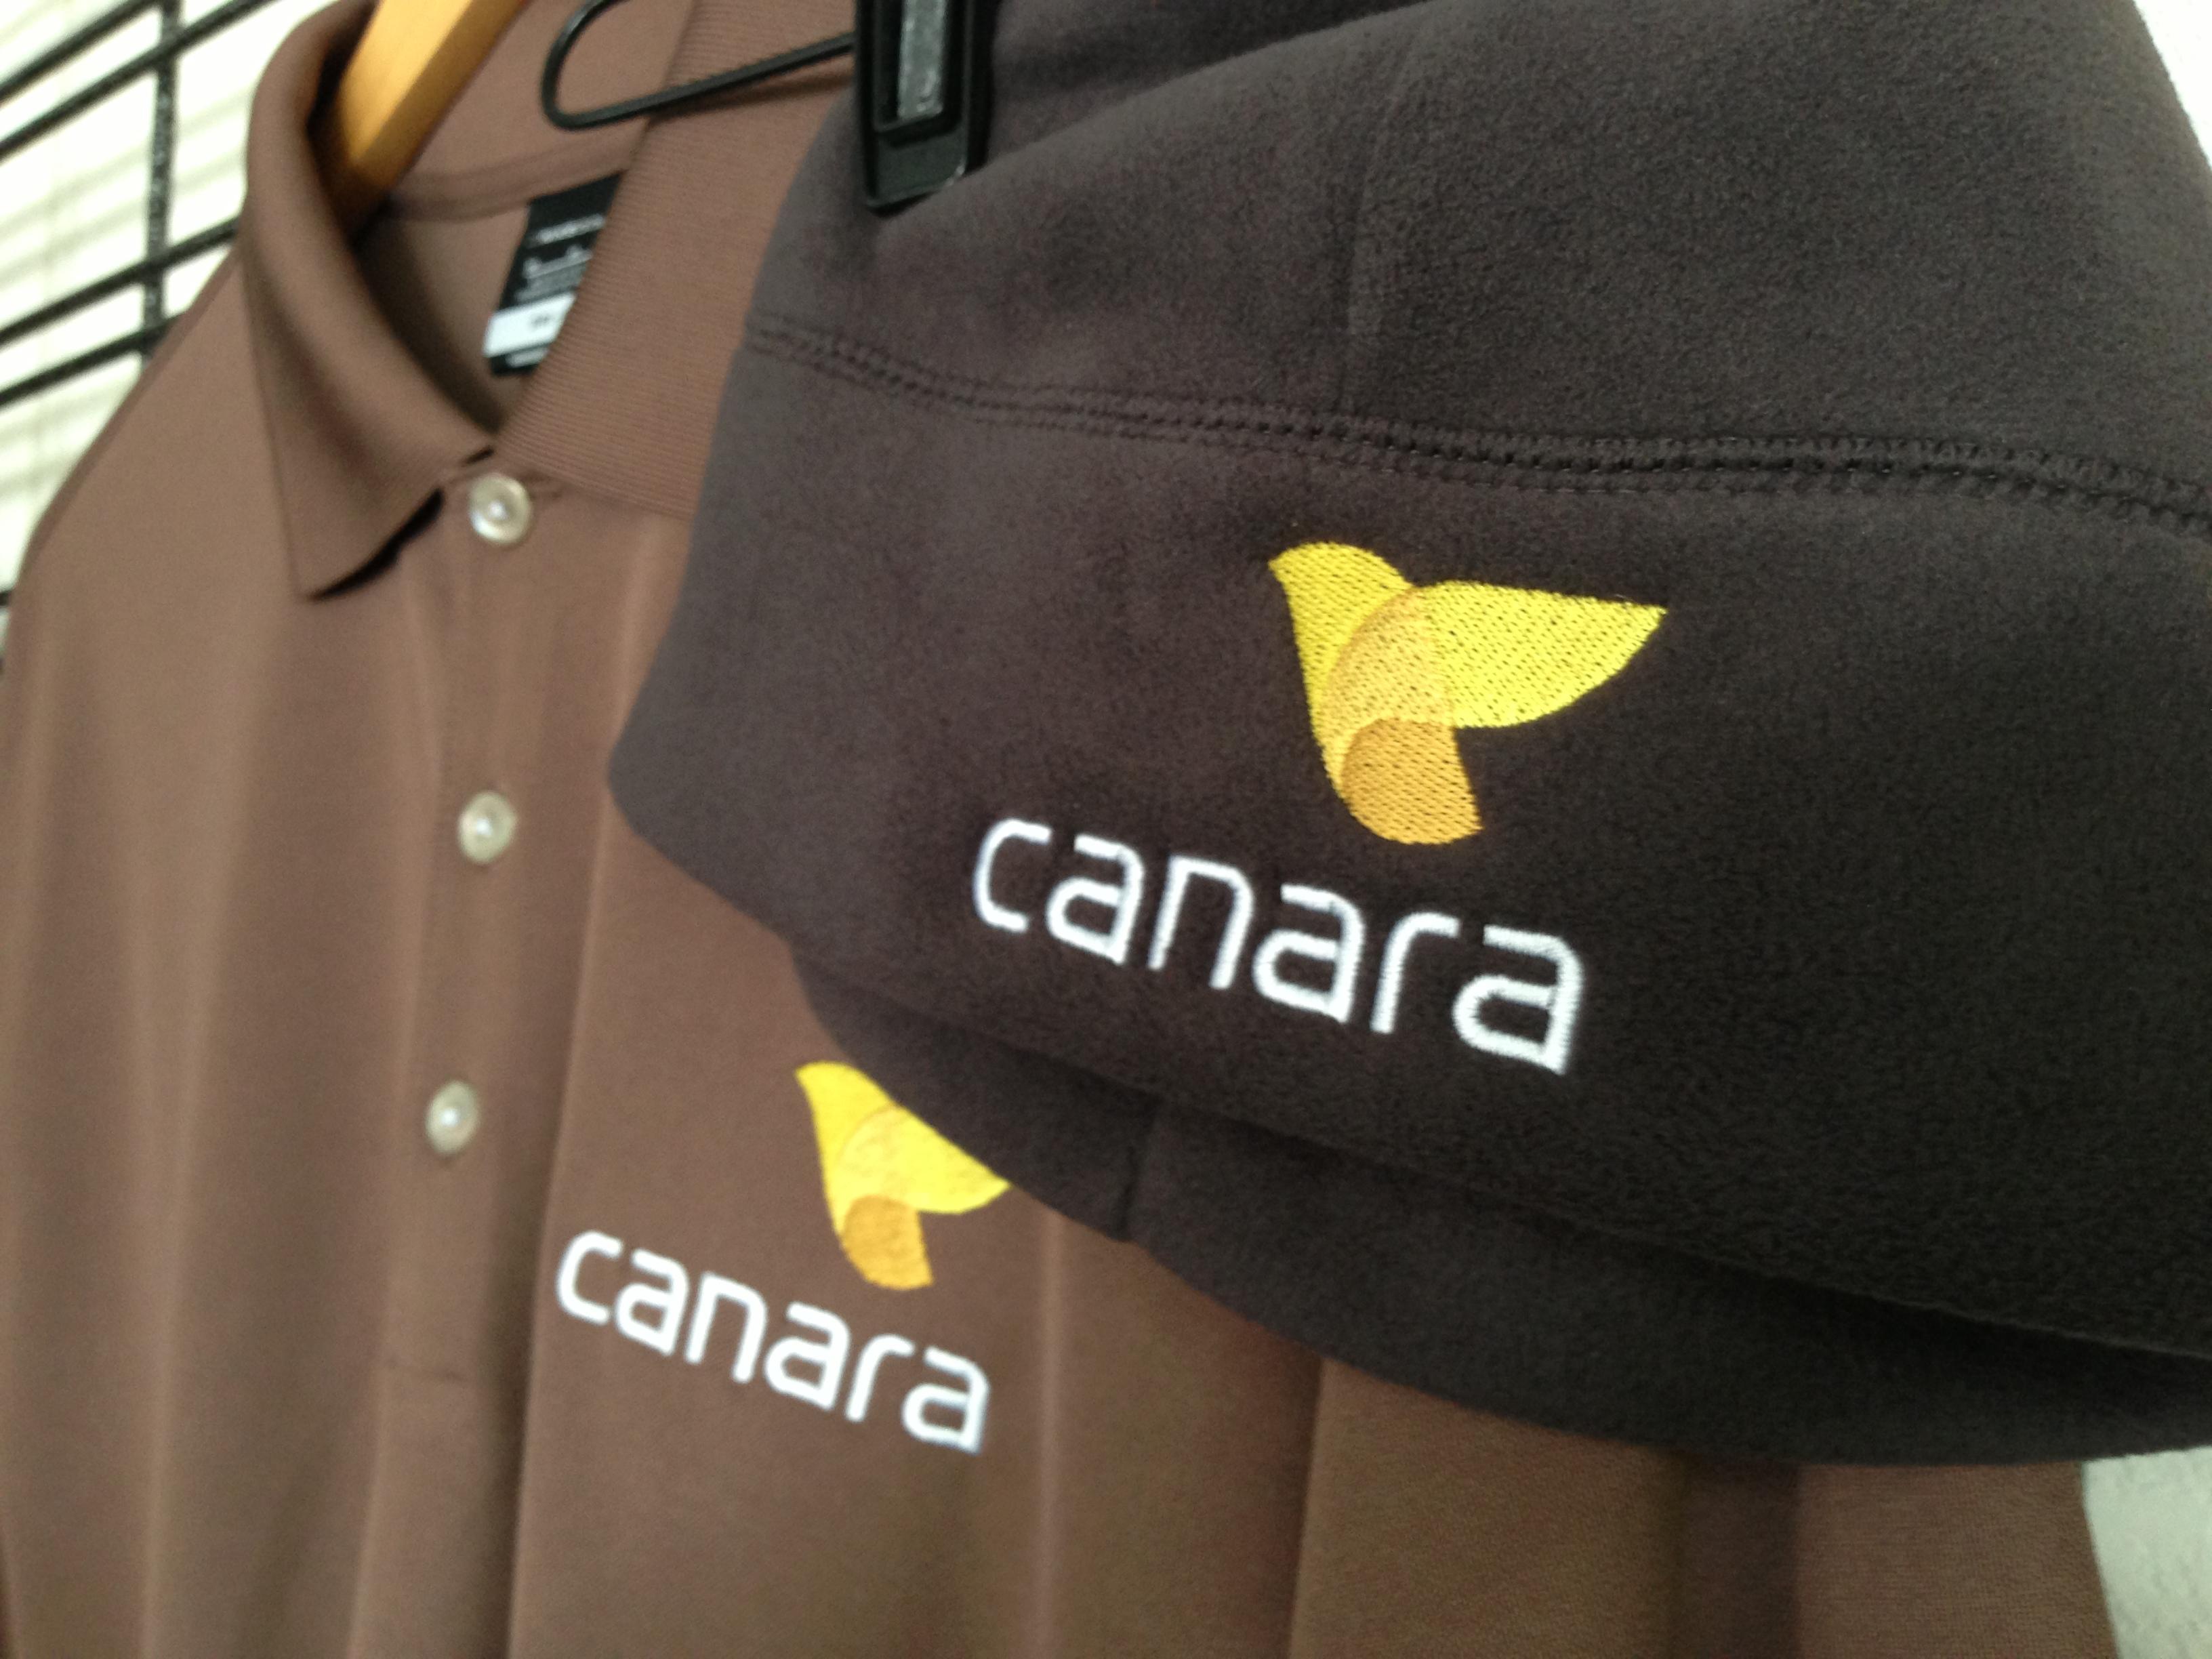 Canara vantage apparel